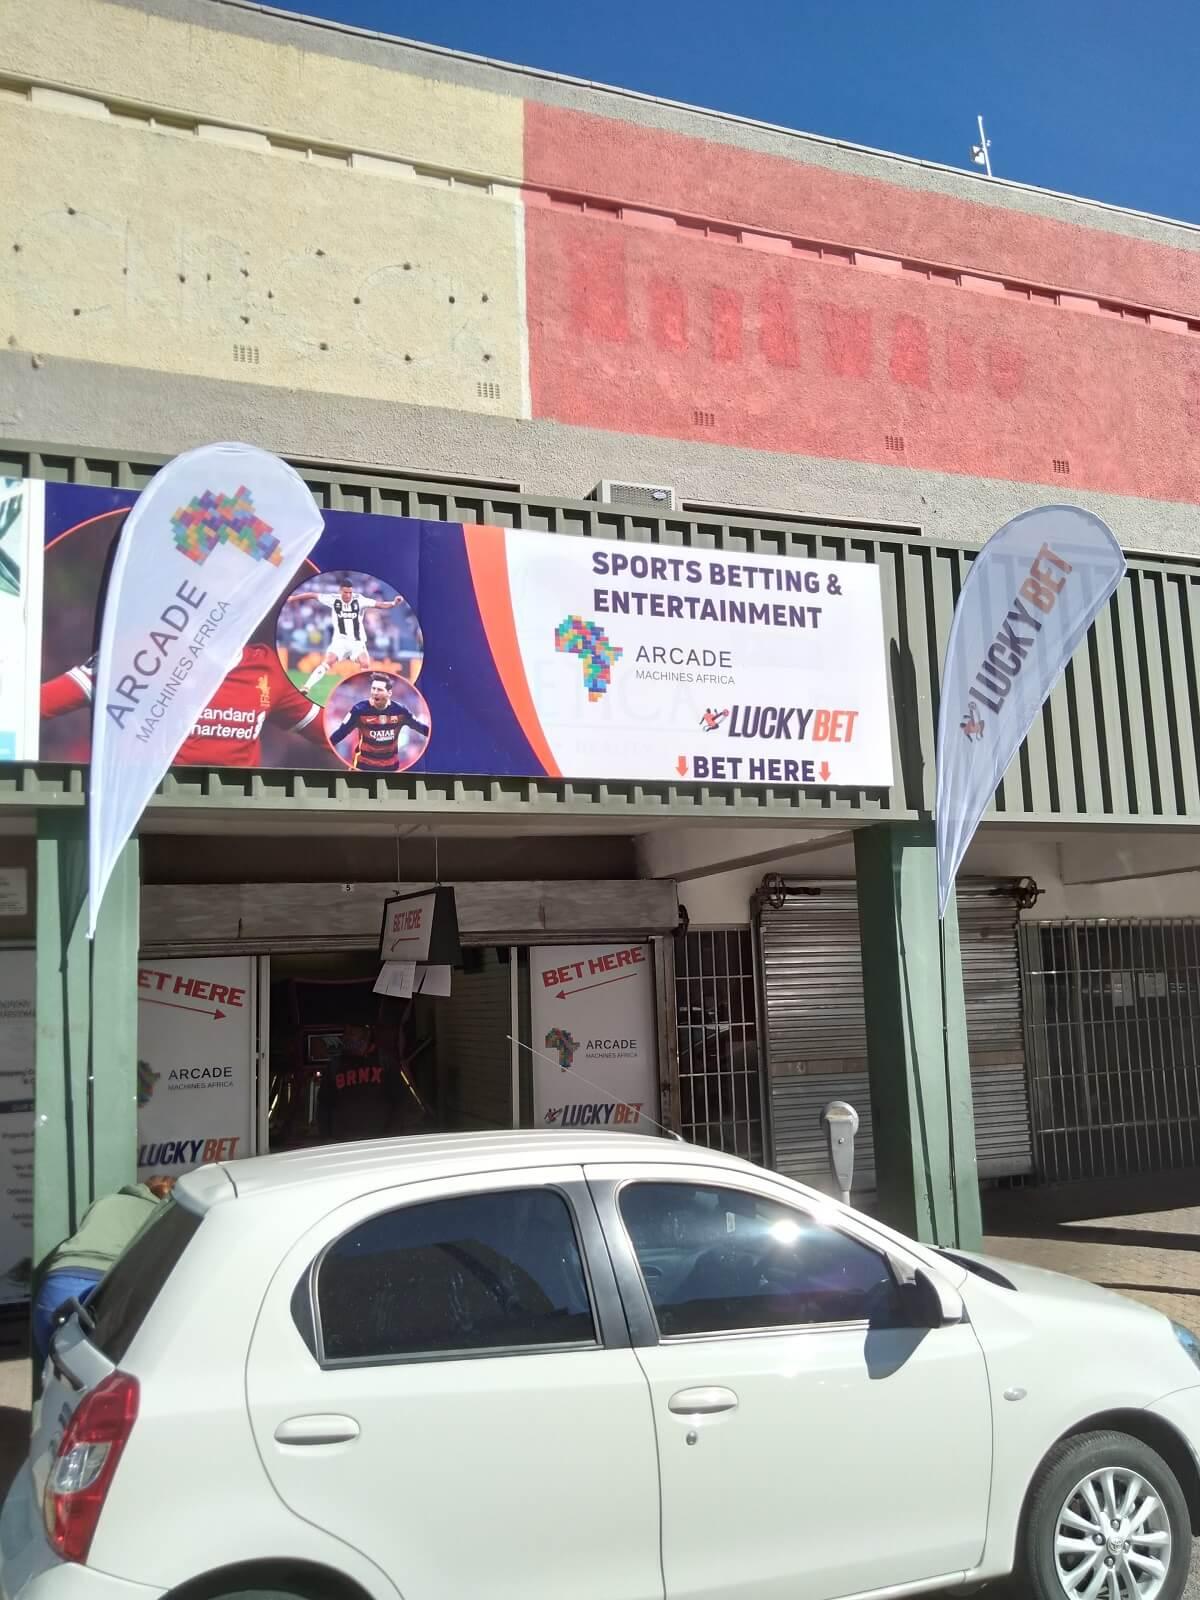 Amusement machines, gambling and sports betting Namibia